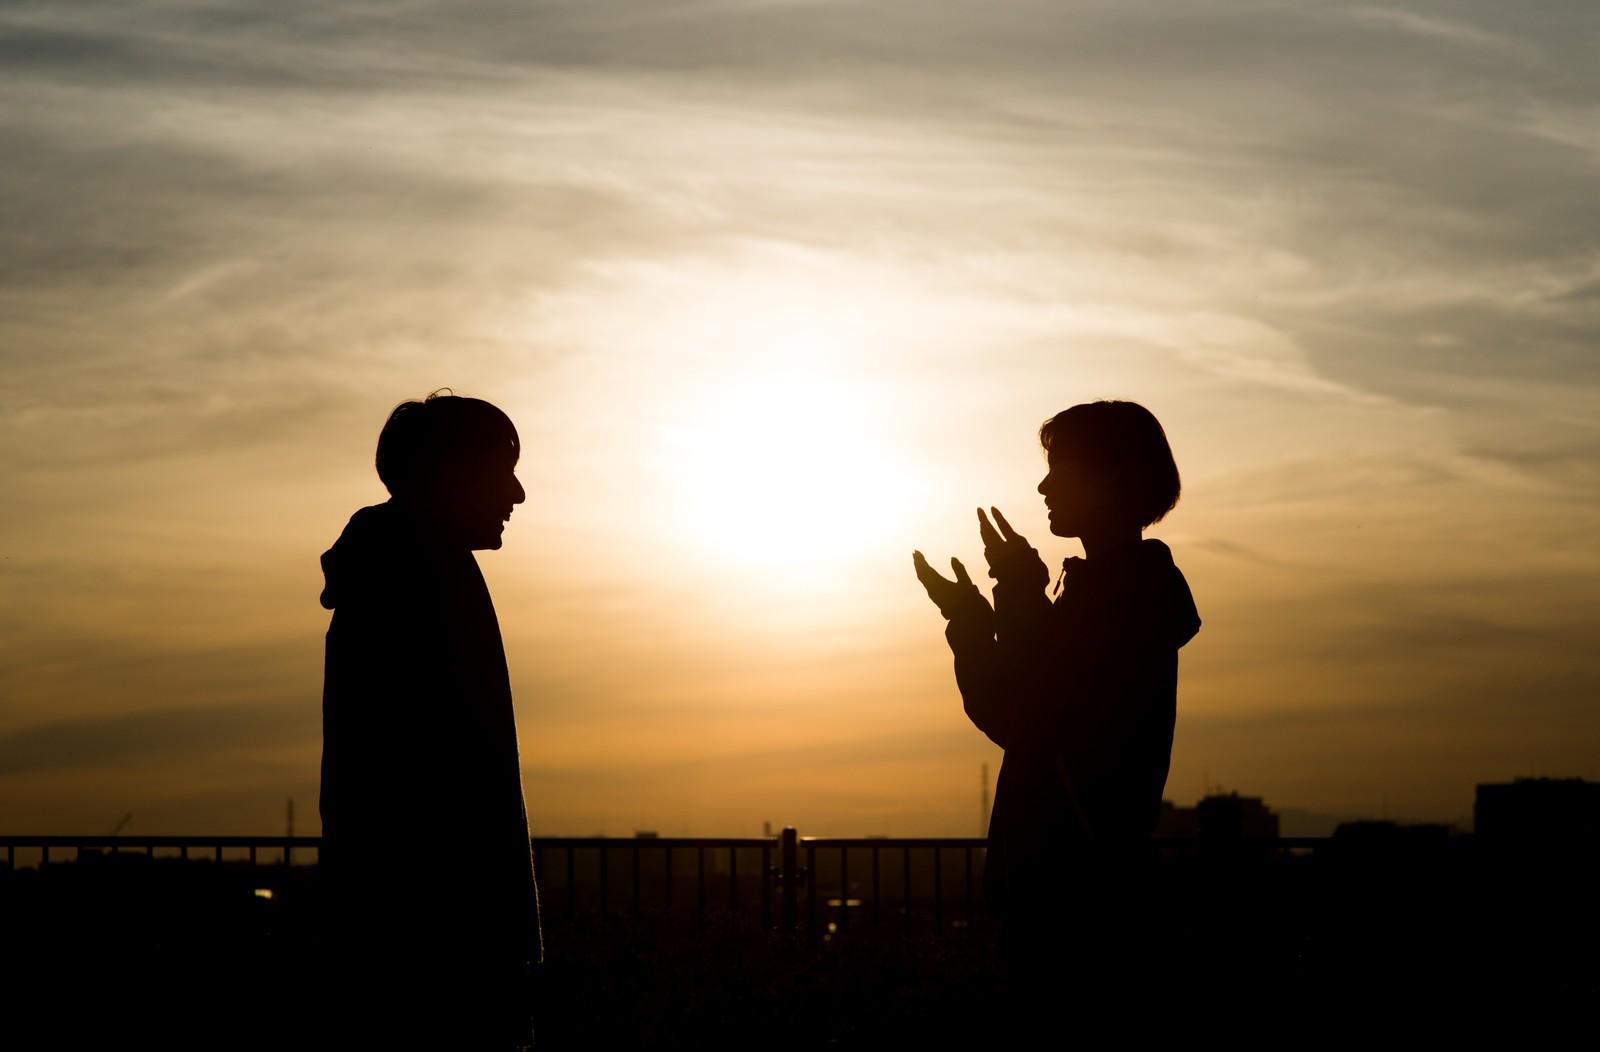 婚約中の浮気で慰謝料請求!婚約破棄になったときの対処法